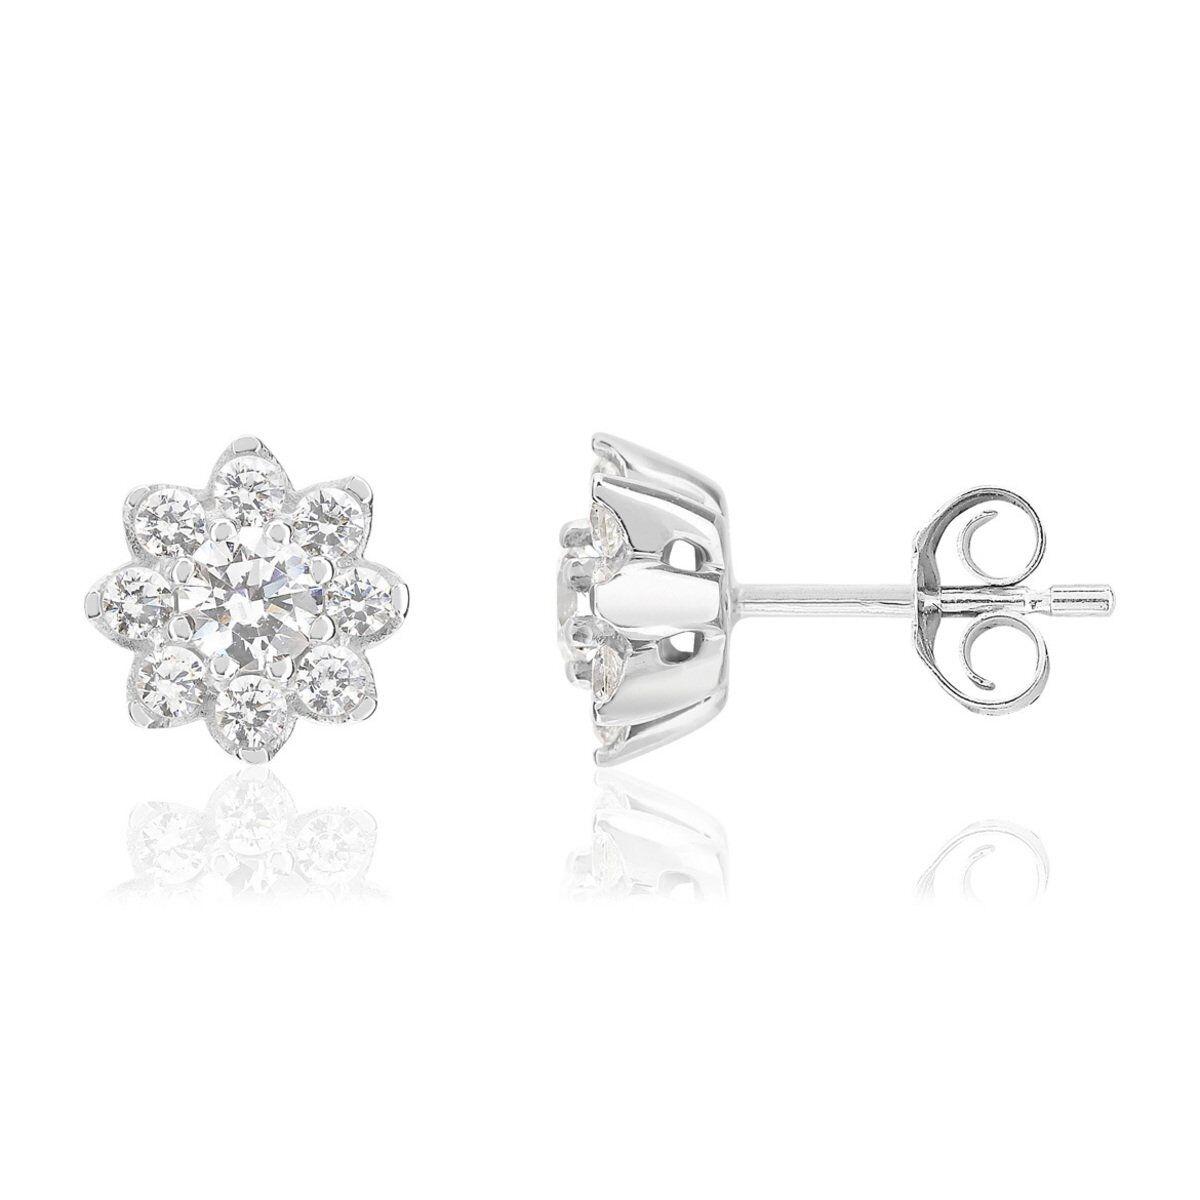 MATY Boucles d'oreilles or 750 blanc fleurs diamants synthétiques 0,79 carat- MATY